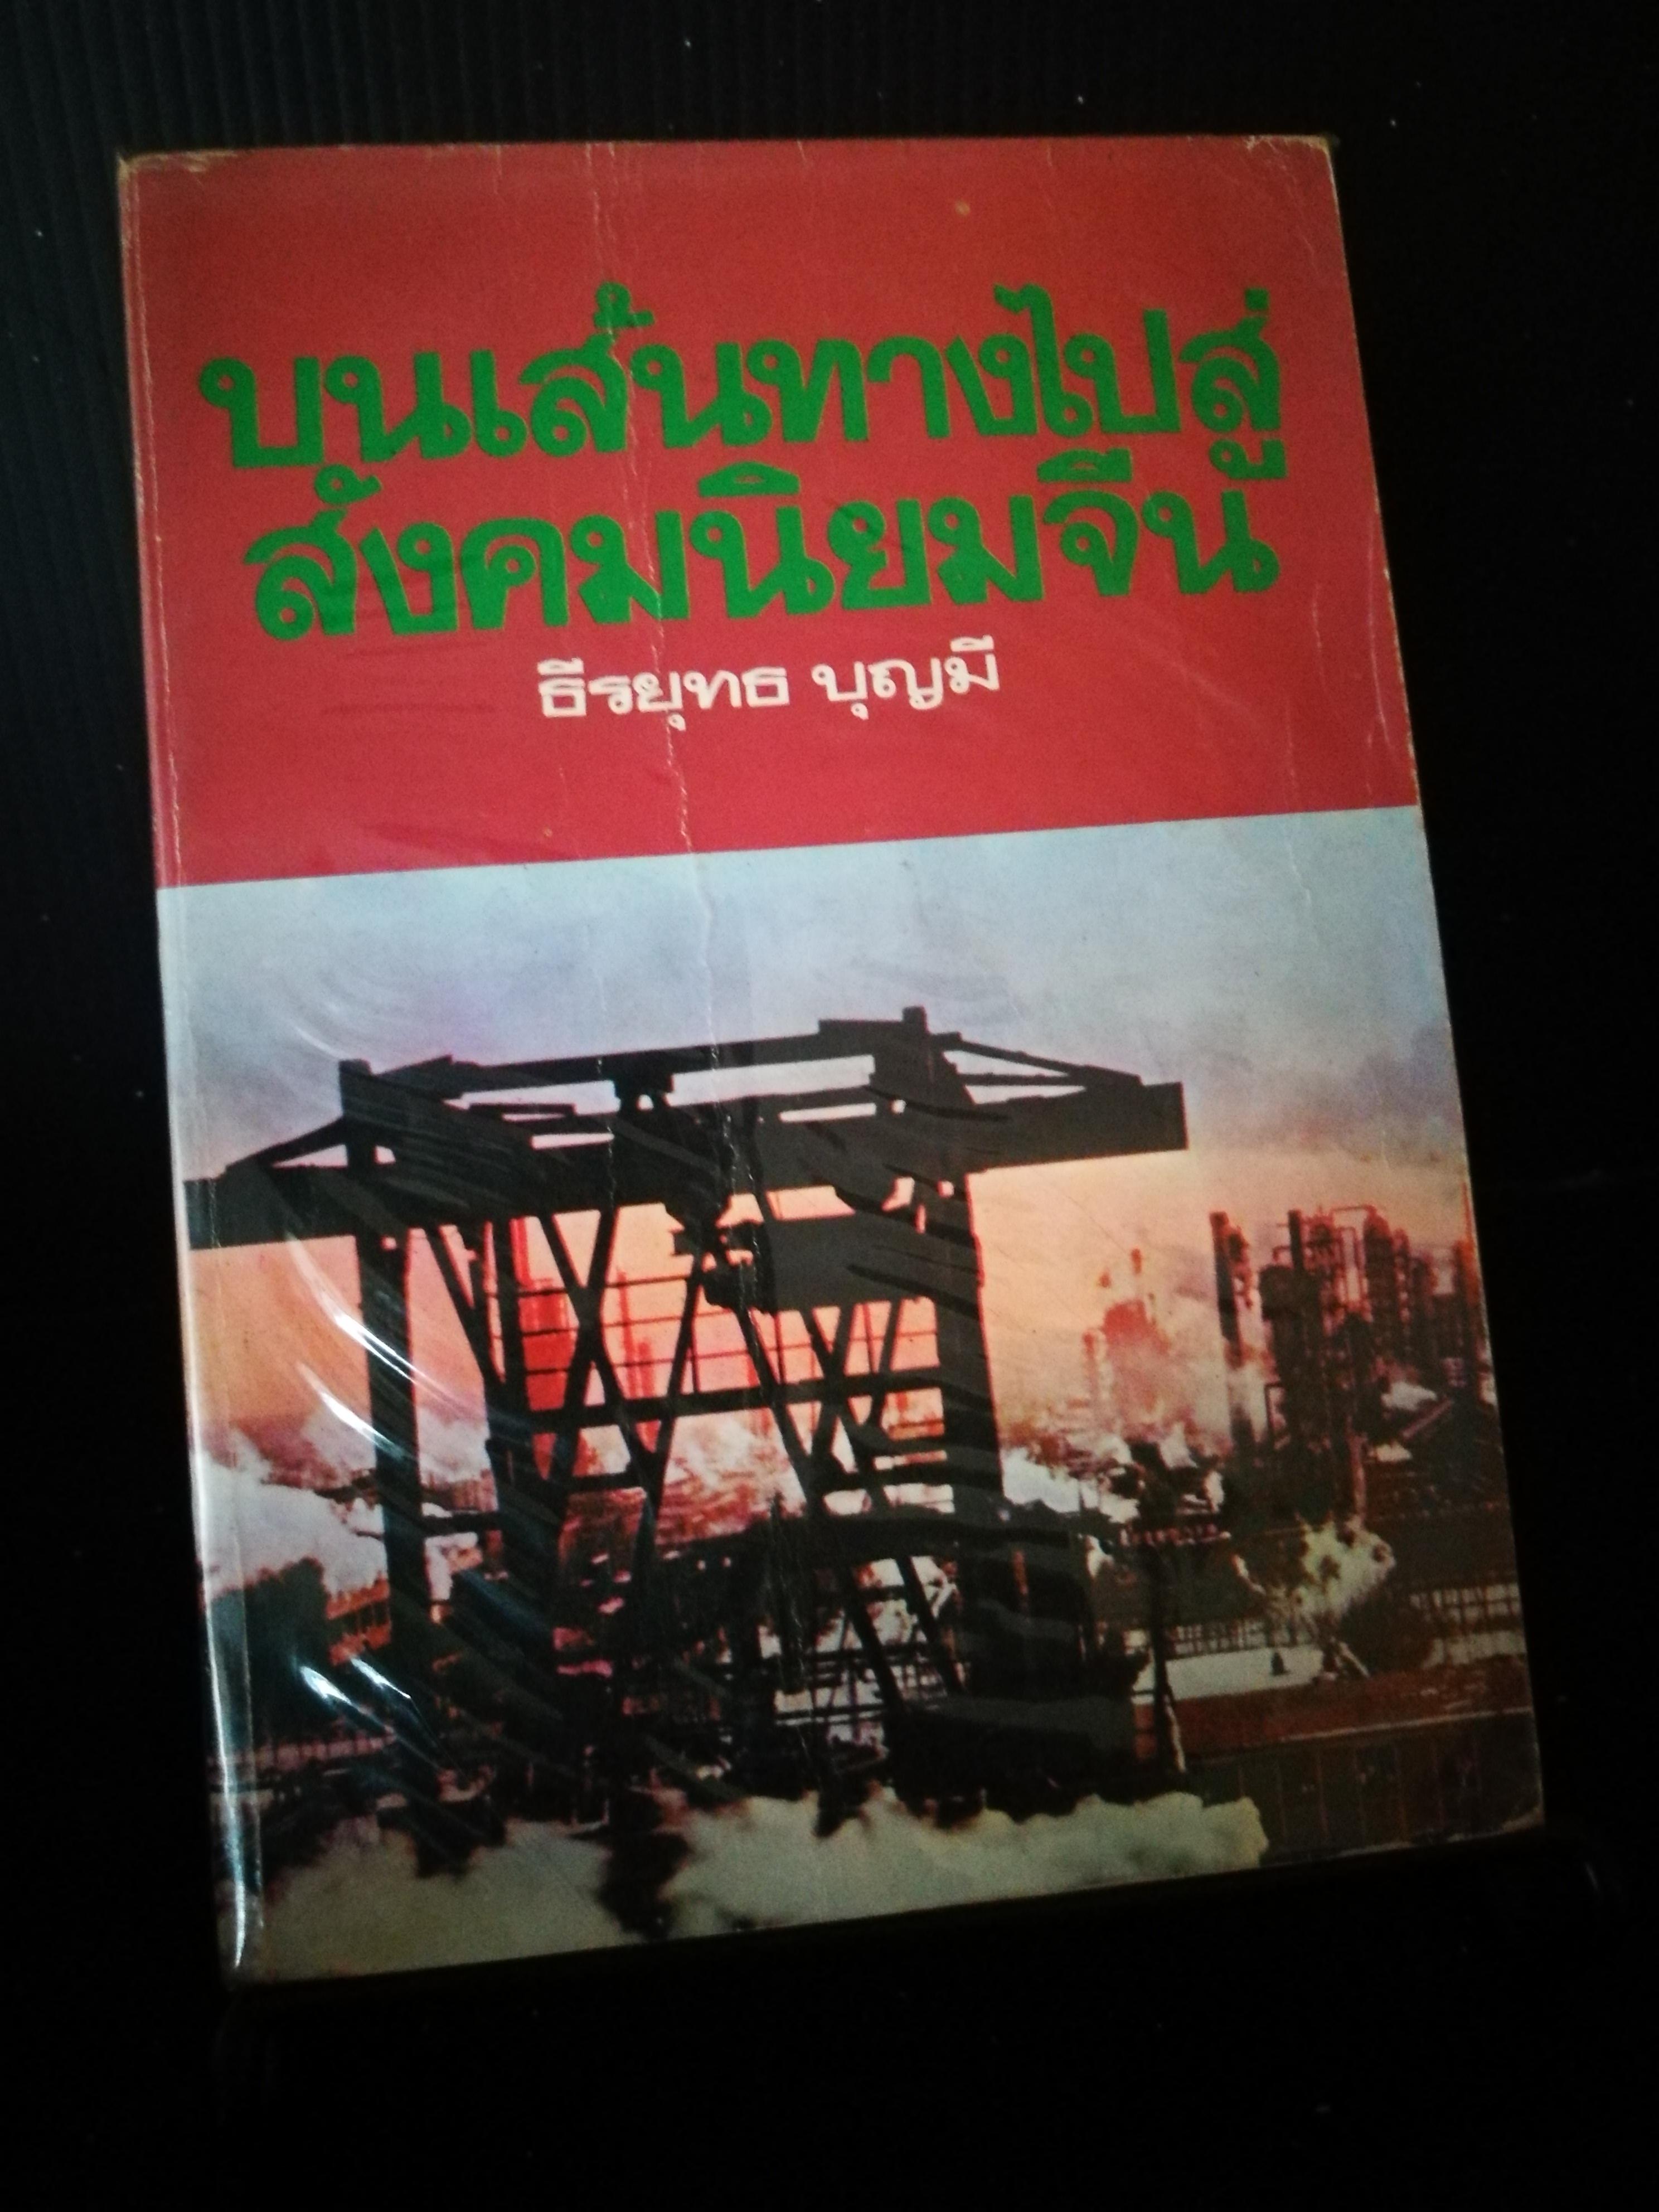 บนเส้นทางไปสู่สังคมนิยมจีน (หนังสือต้องห้าม)